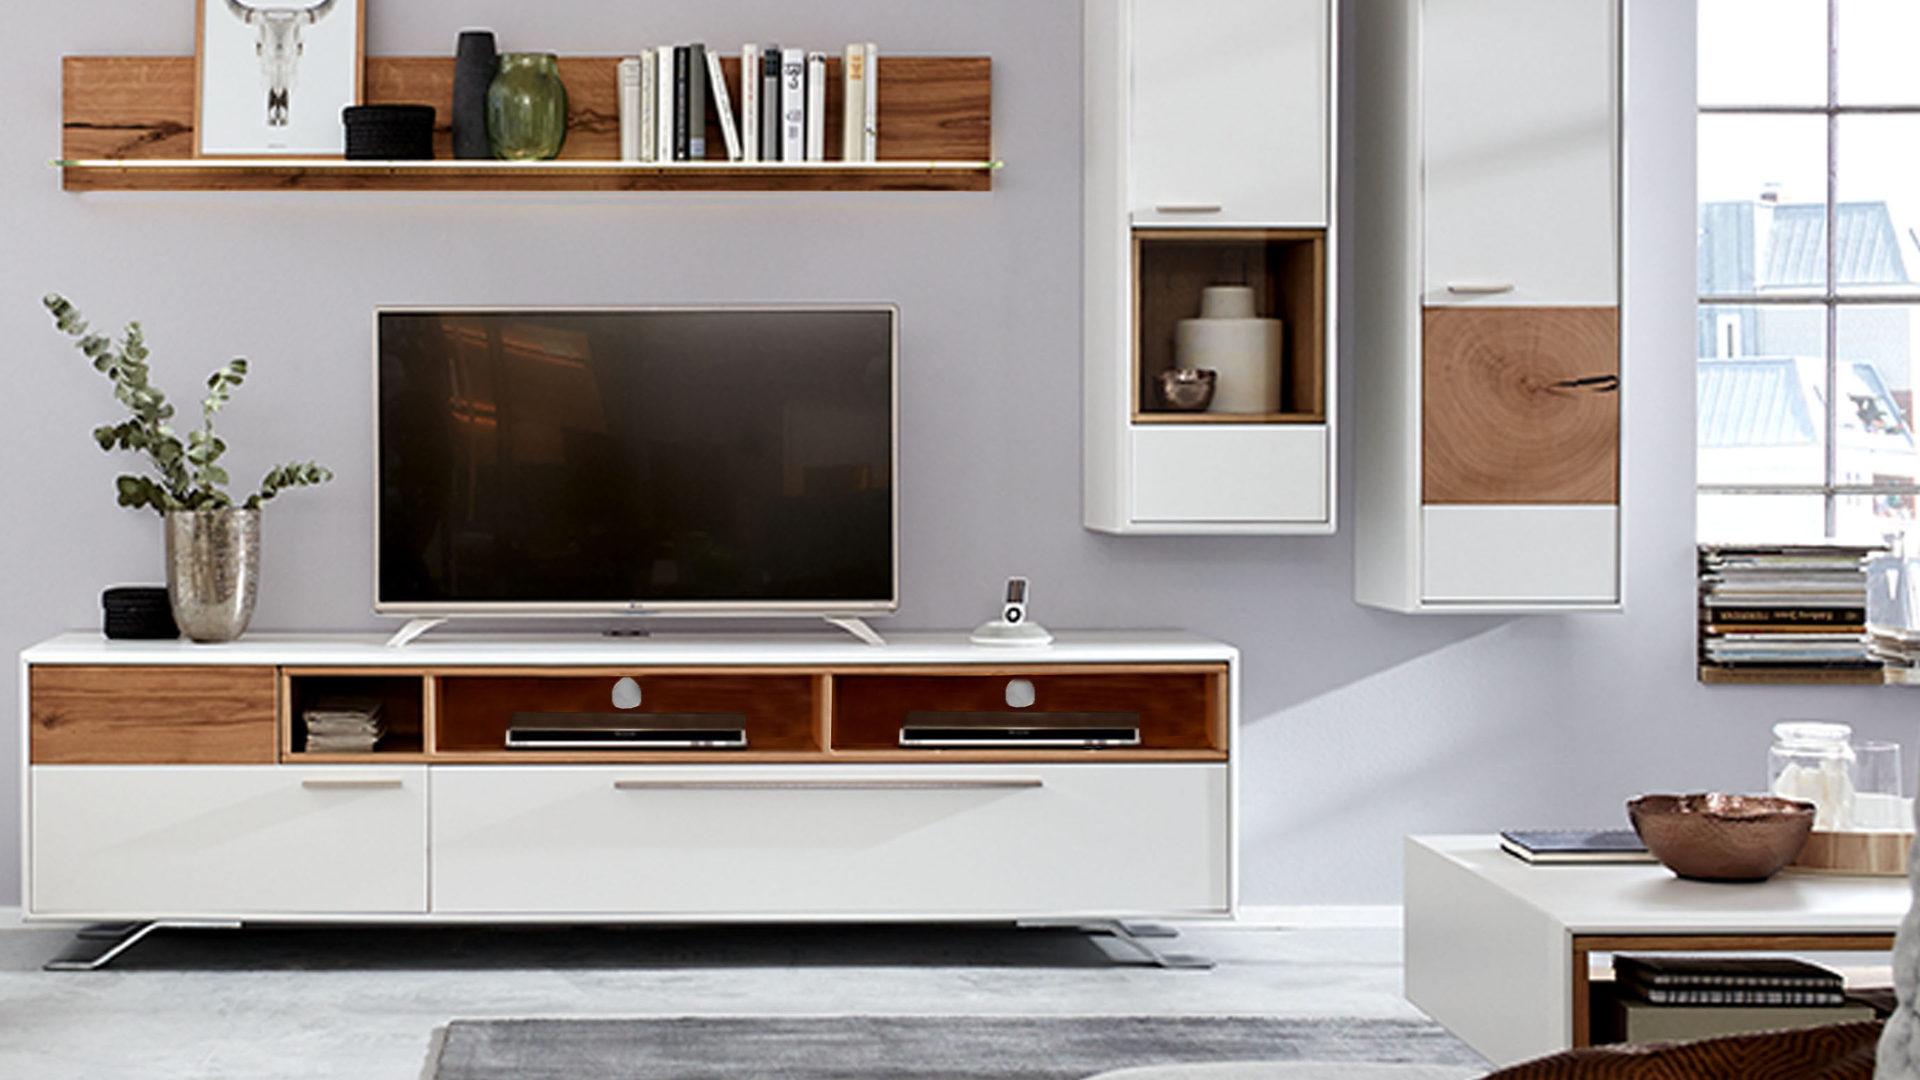 Interliving Wohnzimmer Serie 2102 Medienboard Helles Asteiche Furnier